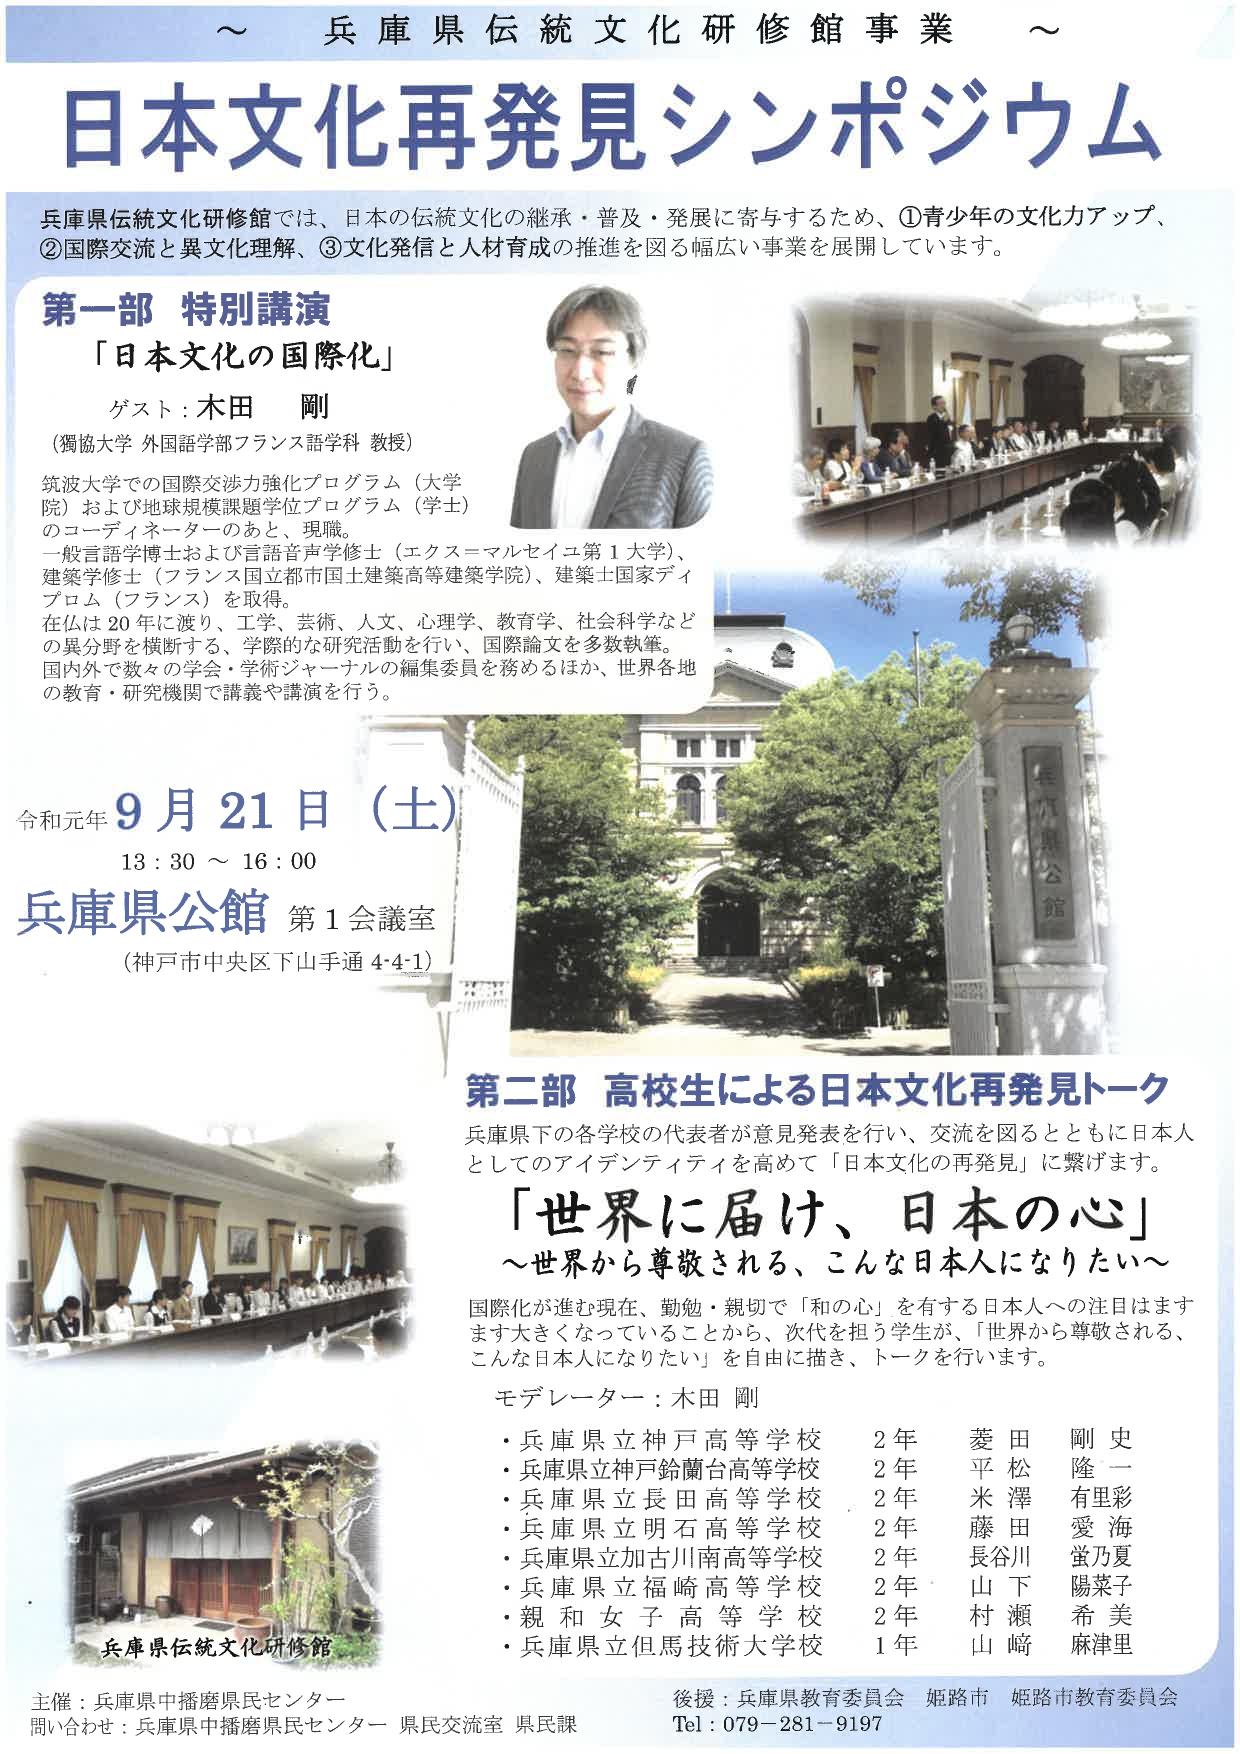 日本再発見シンポジウムチラシ